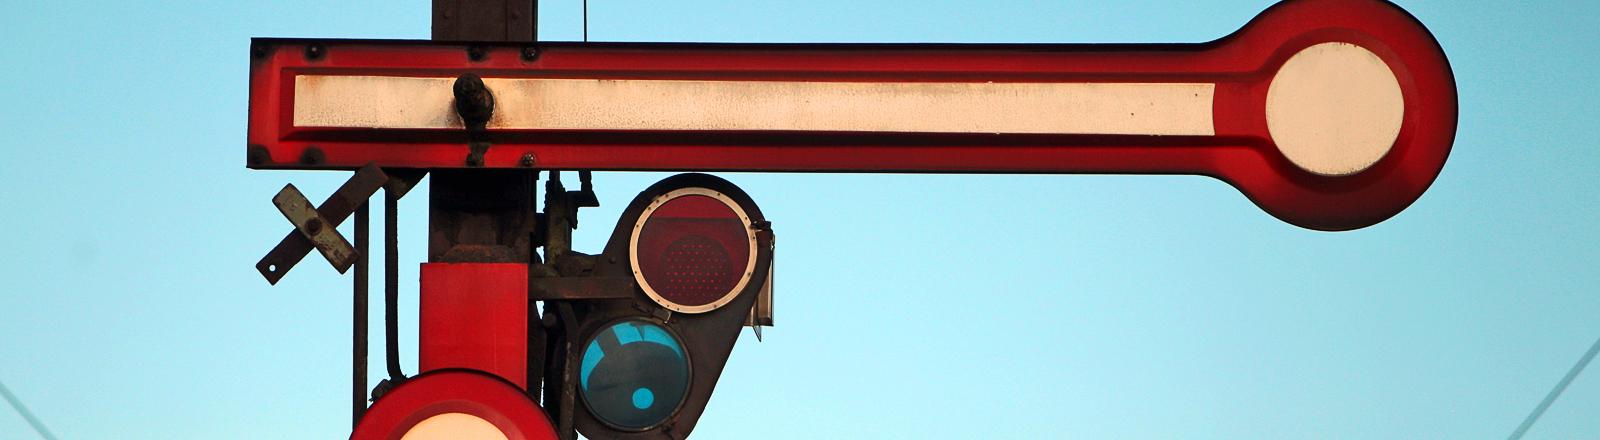 Bahnsignal steht auf Rot = Halt.